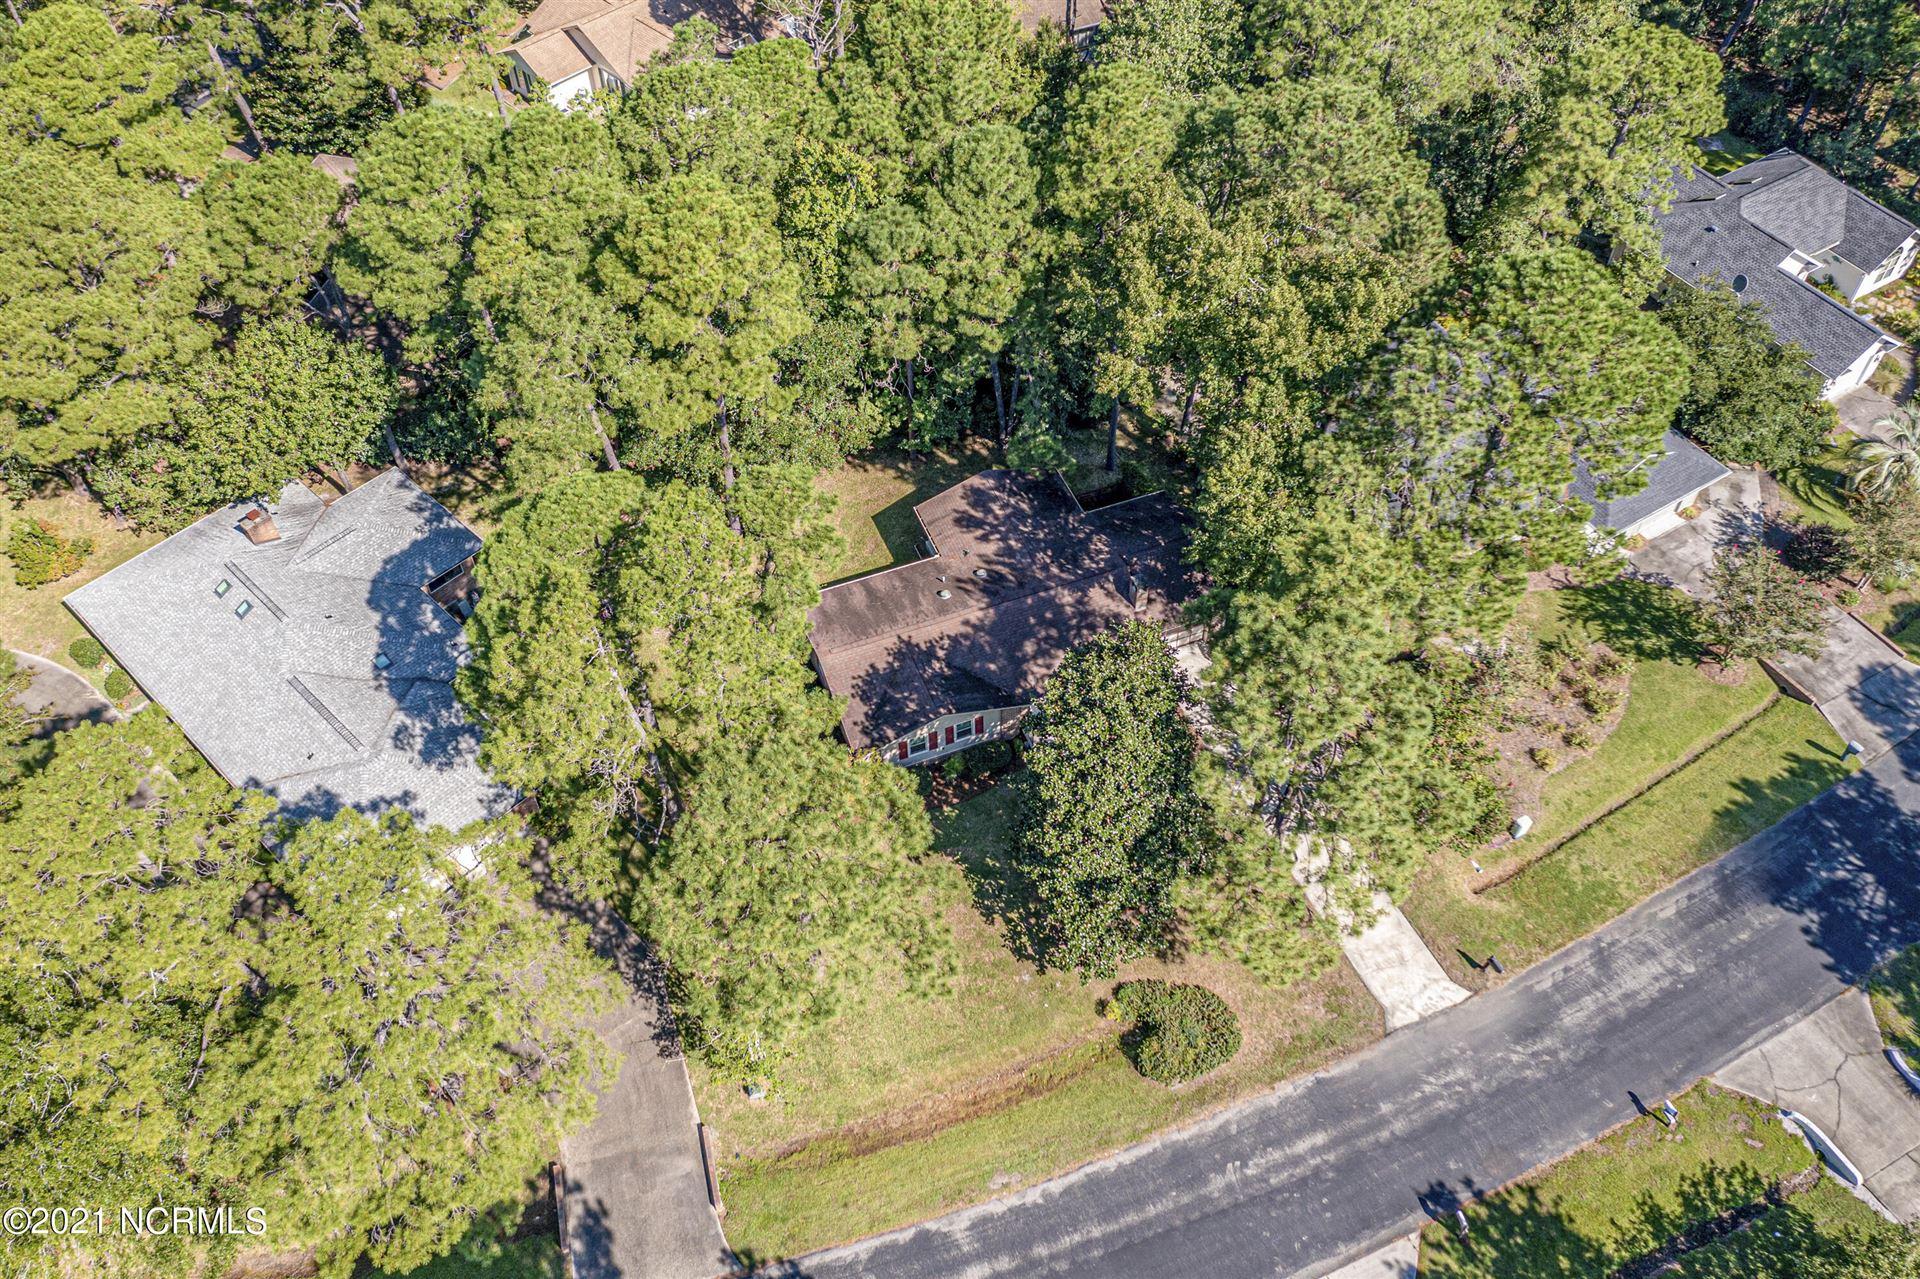 Photo of 3 Sunrise Court, Carolina Shores, NC 28467 (MLS # 100289999)